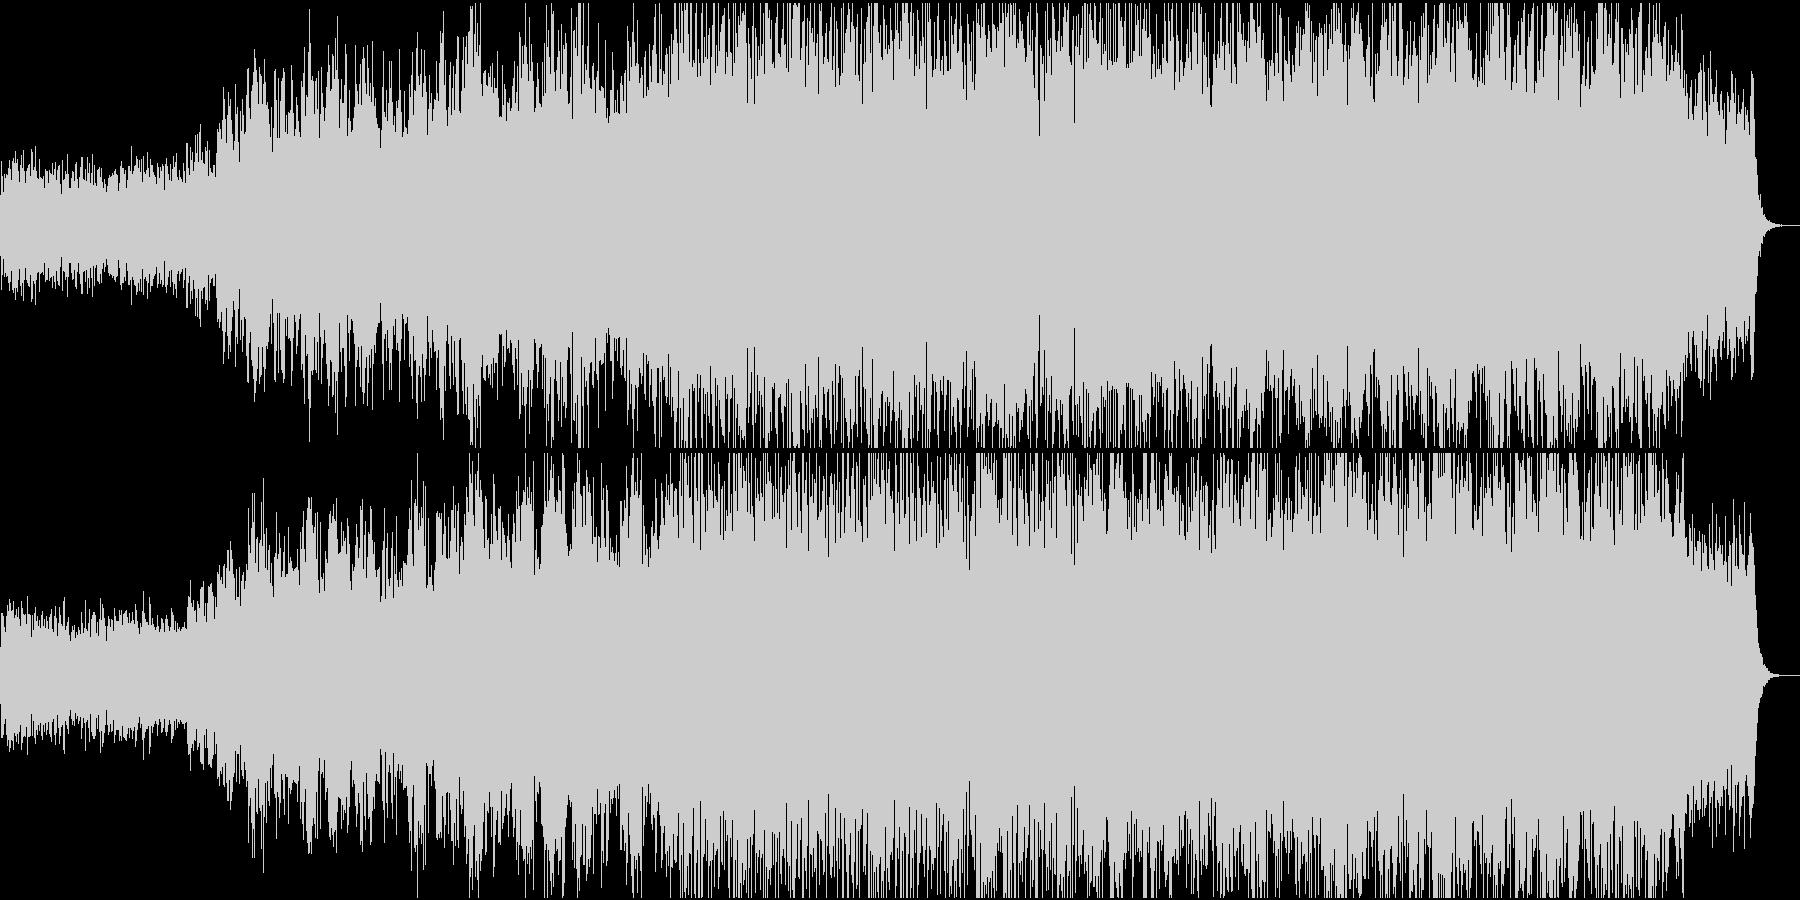 壮大なオープニング映像、合唱コーラスの未再生の波形